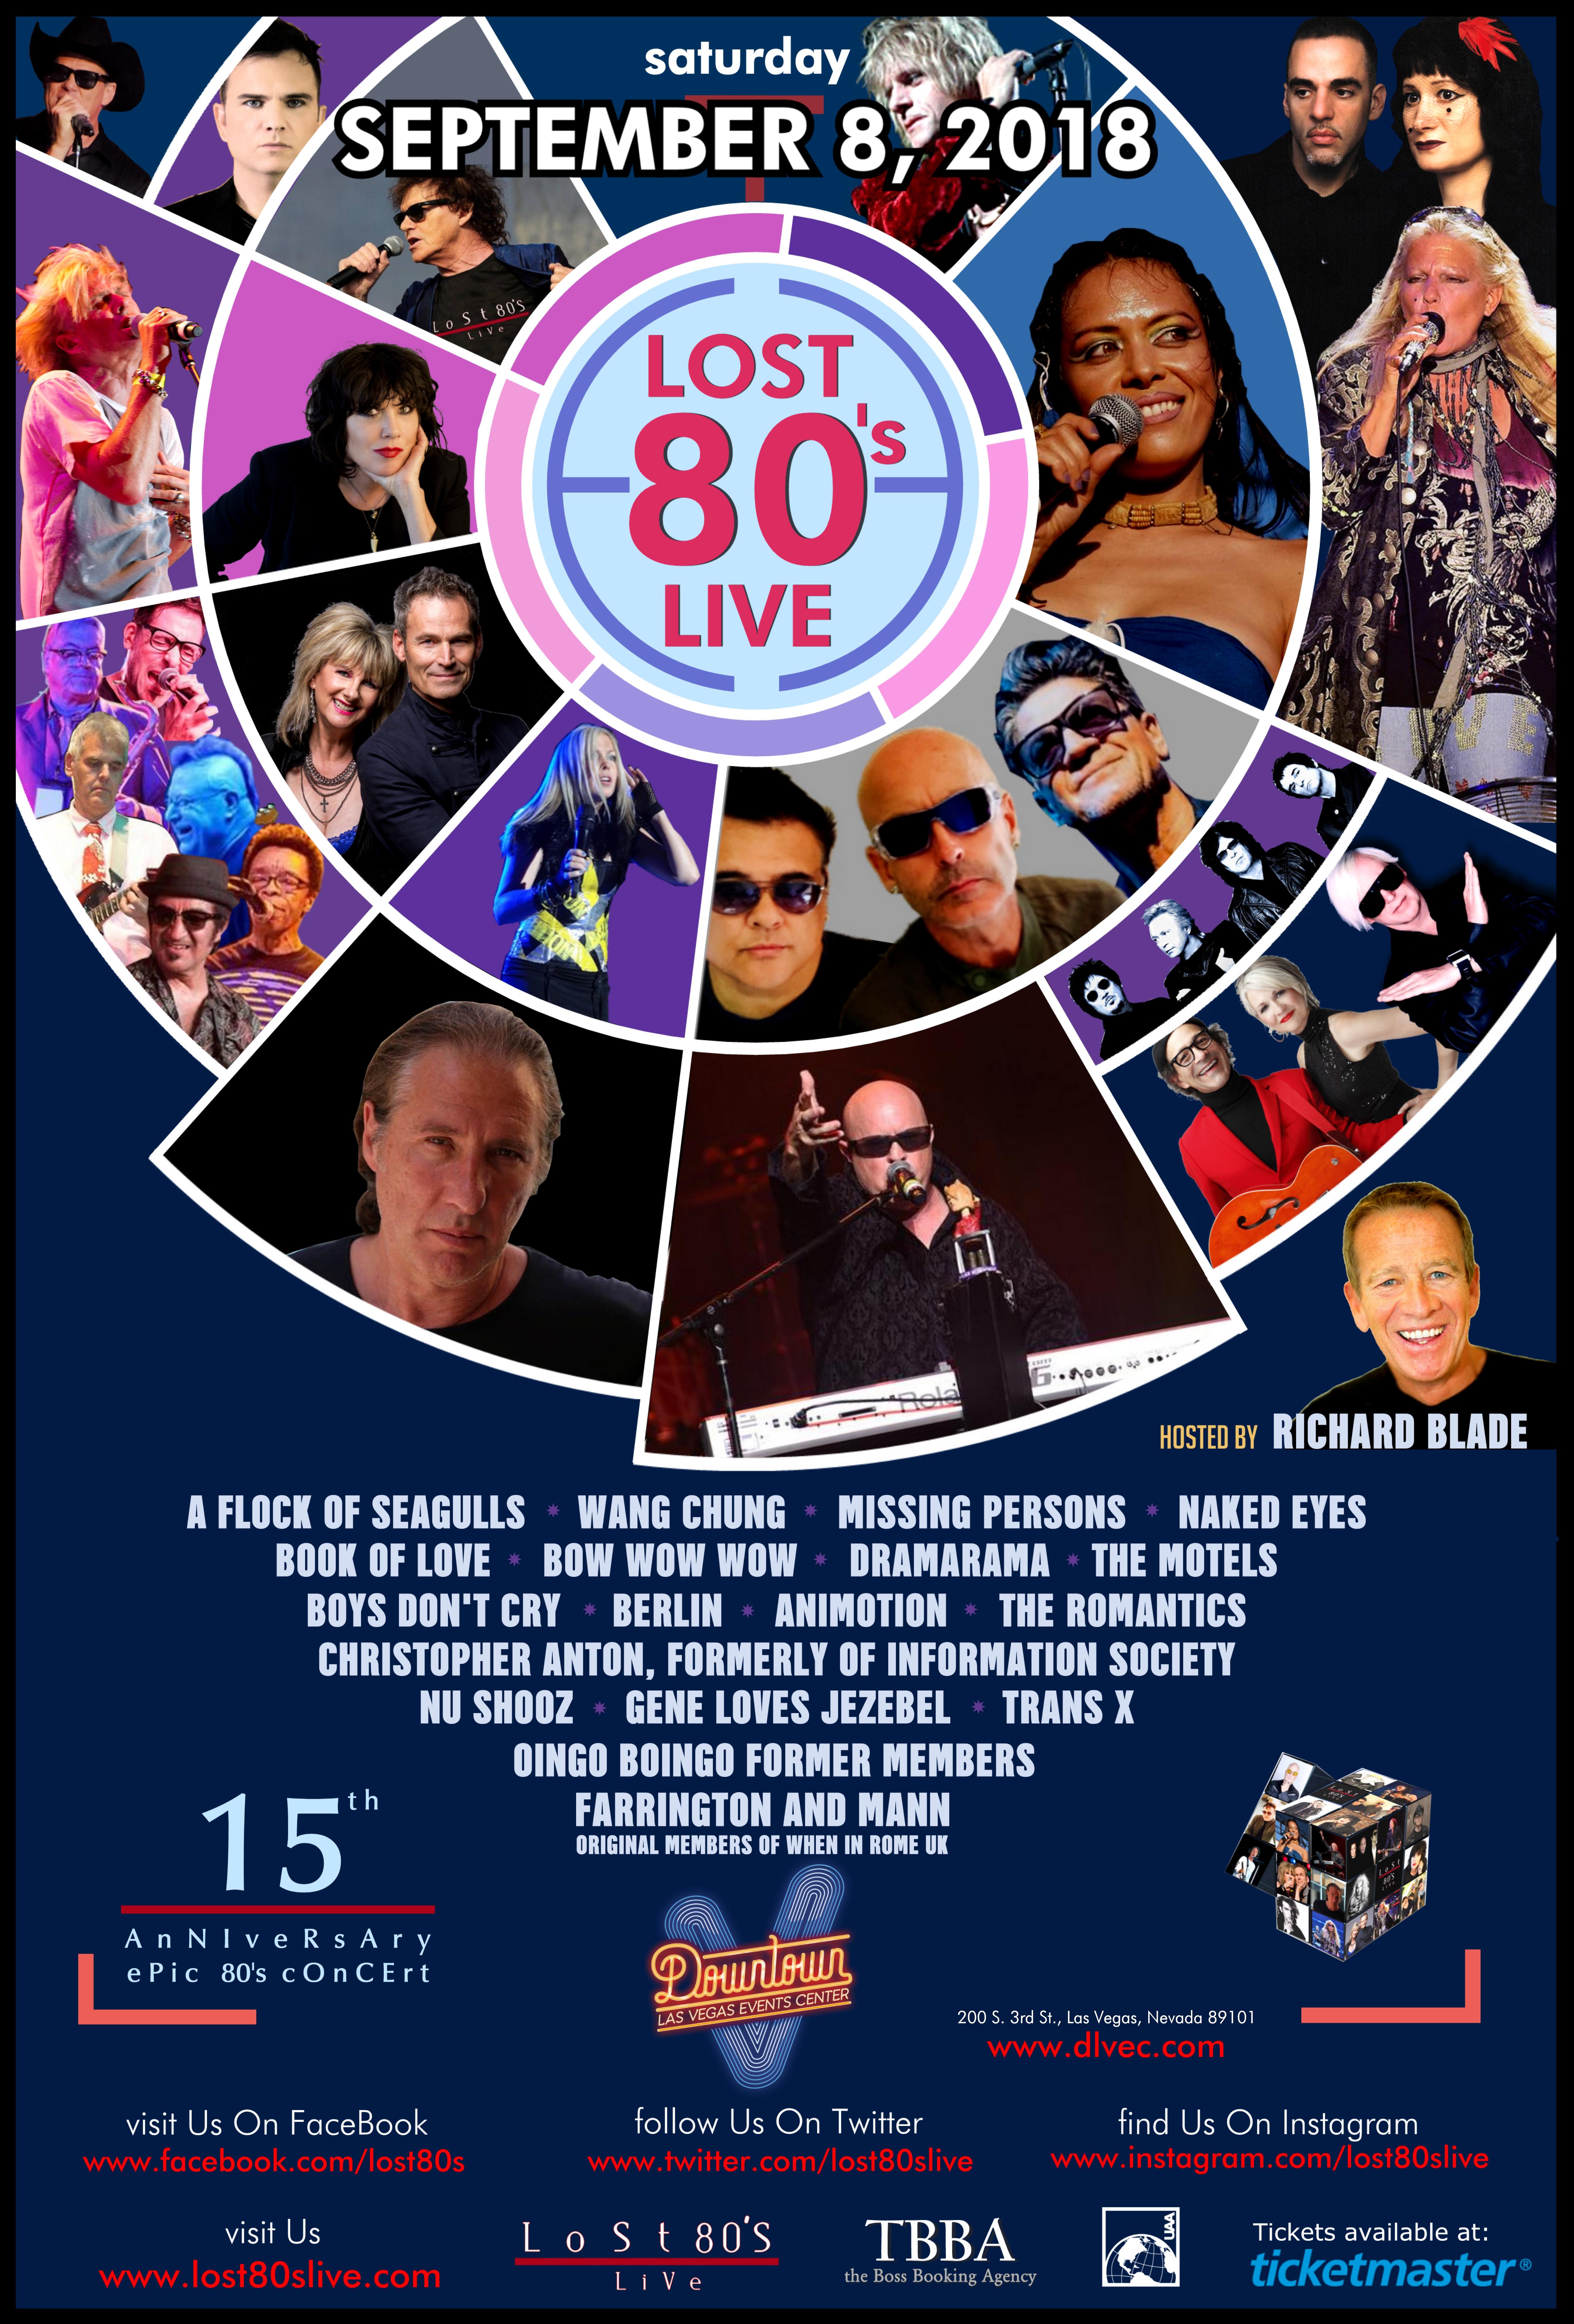 Downtown Las Vegas Event Center Lost 80s Live